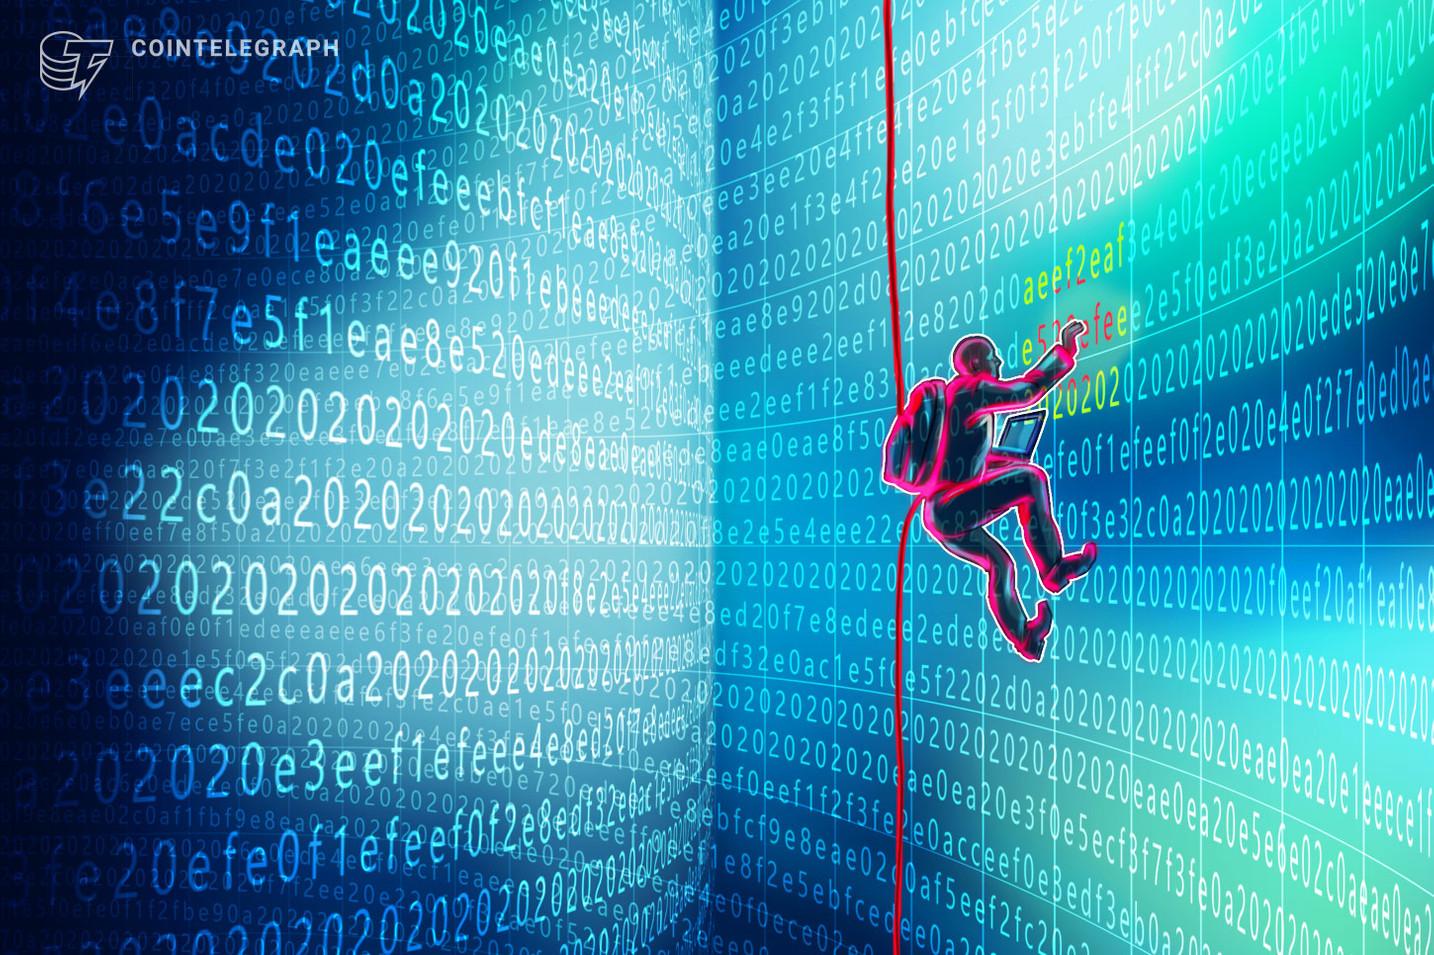 북한 해커 그룹, 암호화폐 탈취 말웨어 크게 변경